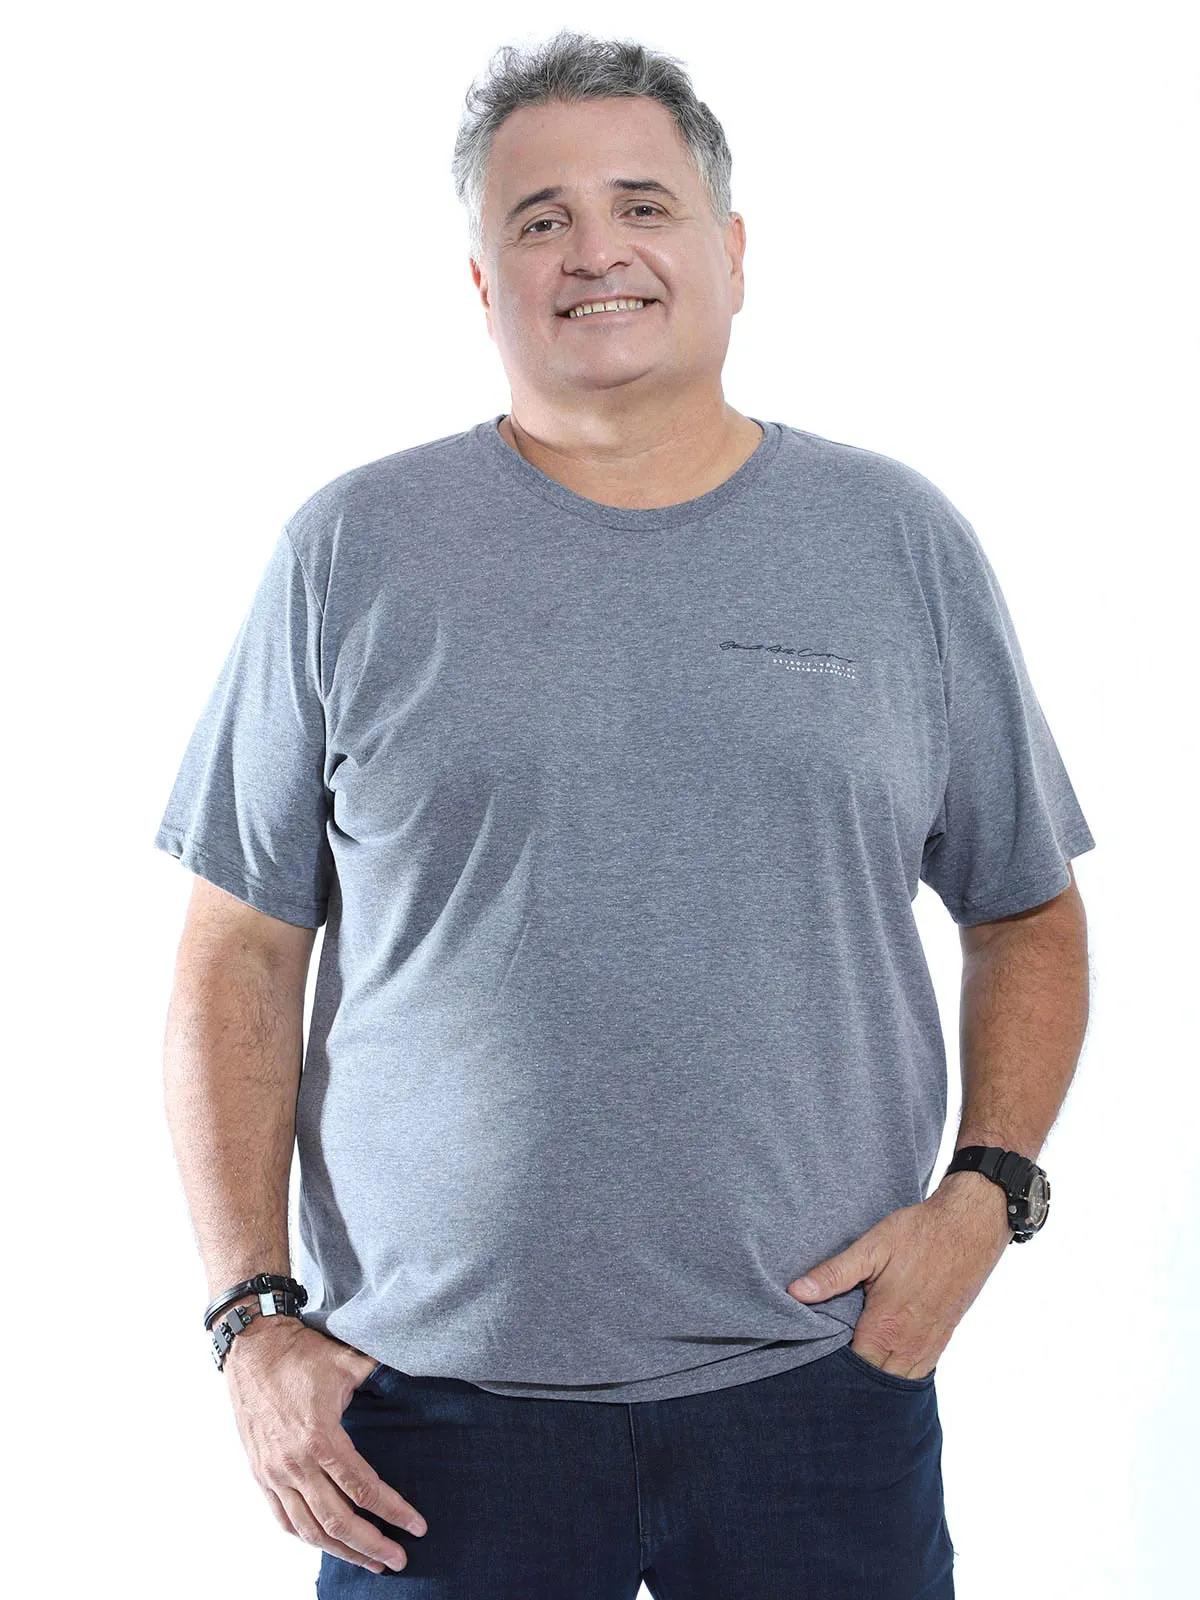 Camiseta Plus Size Masculina Manga Curta Algodão Estampada Mescla Escuro